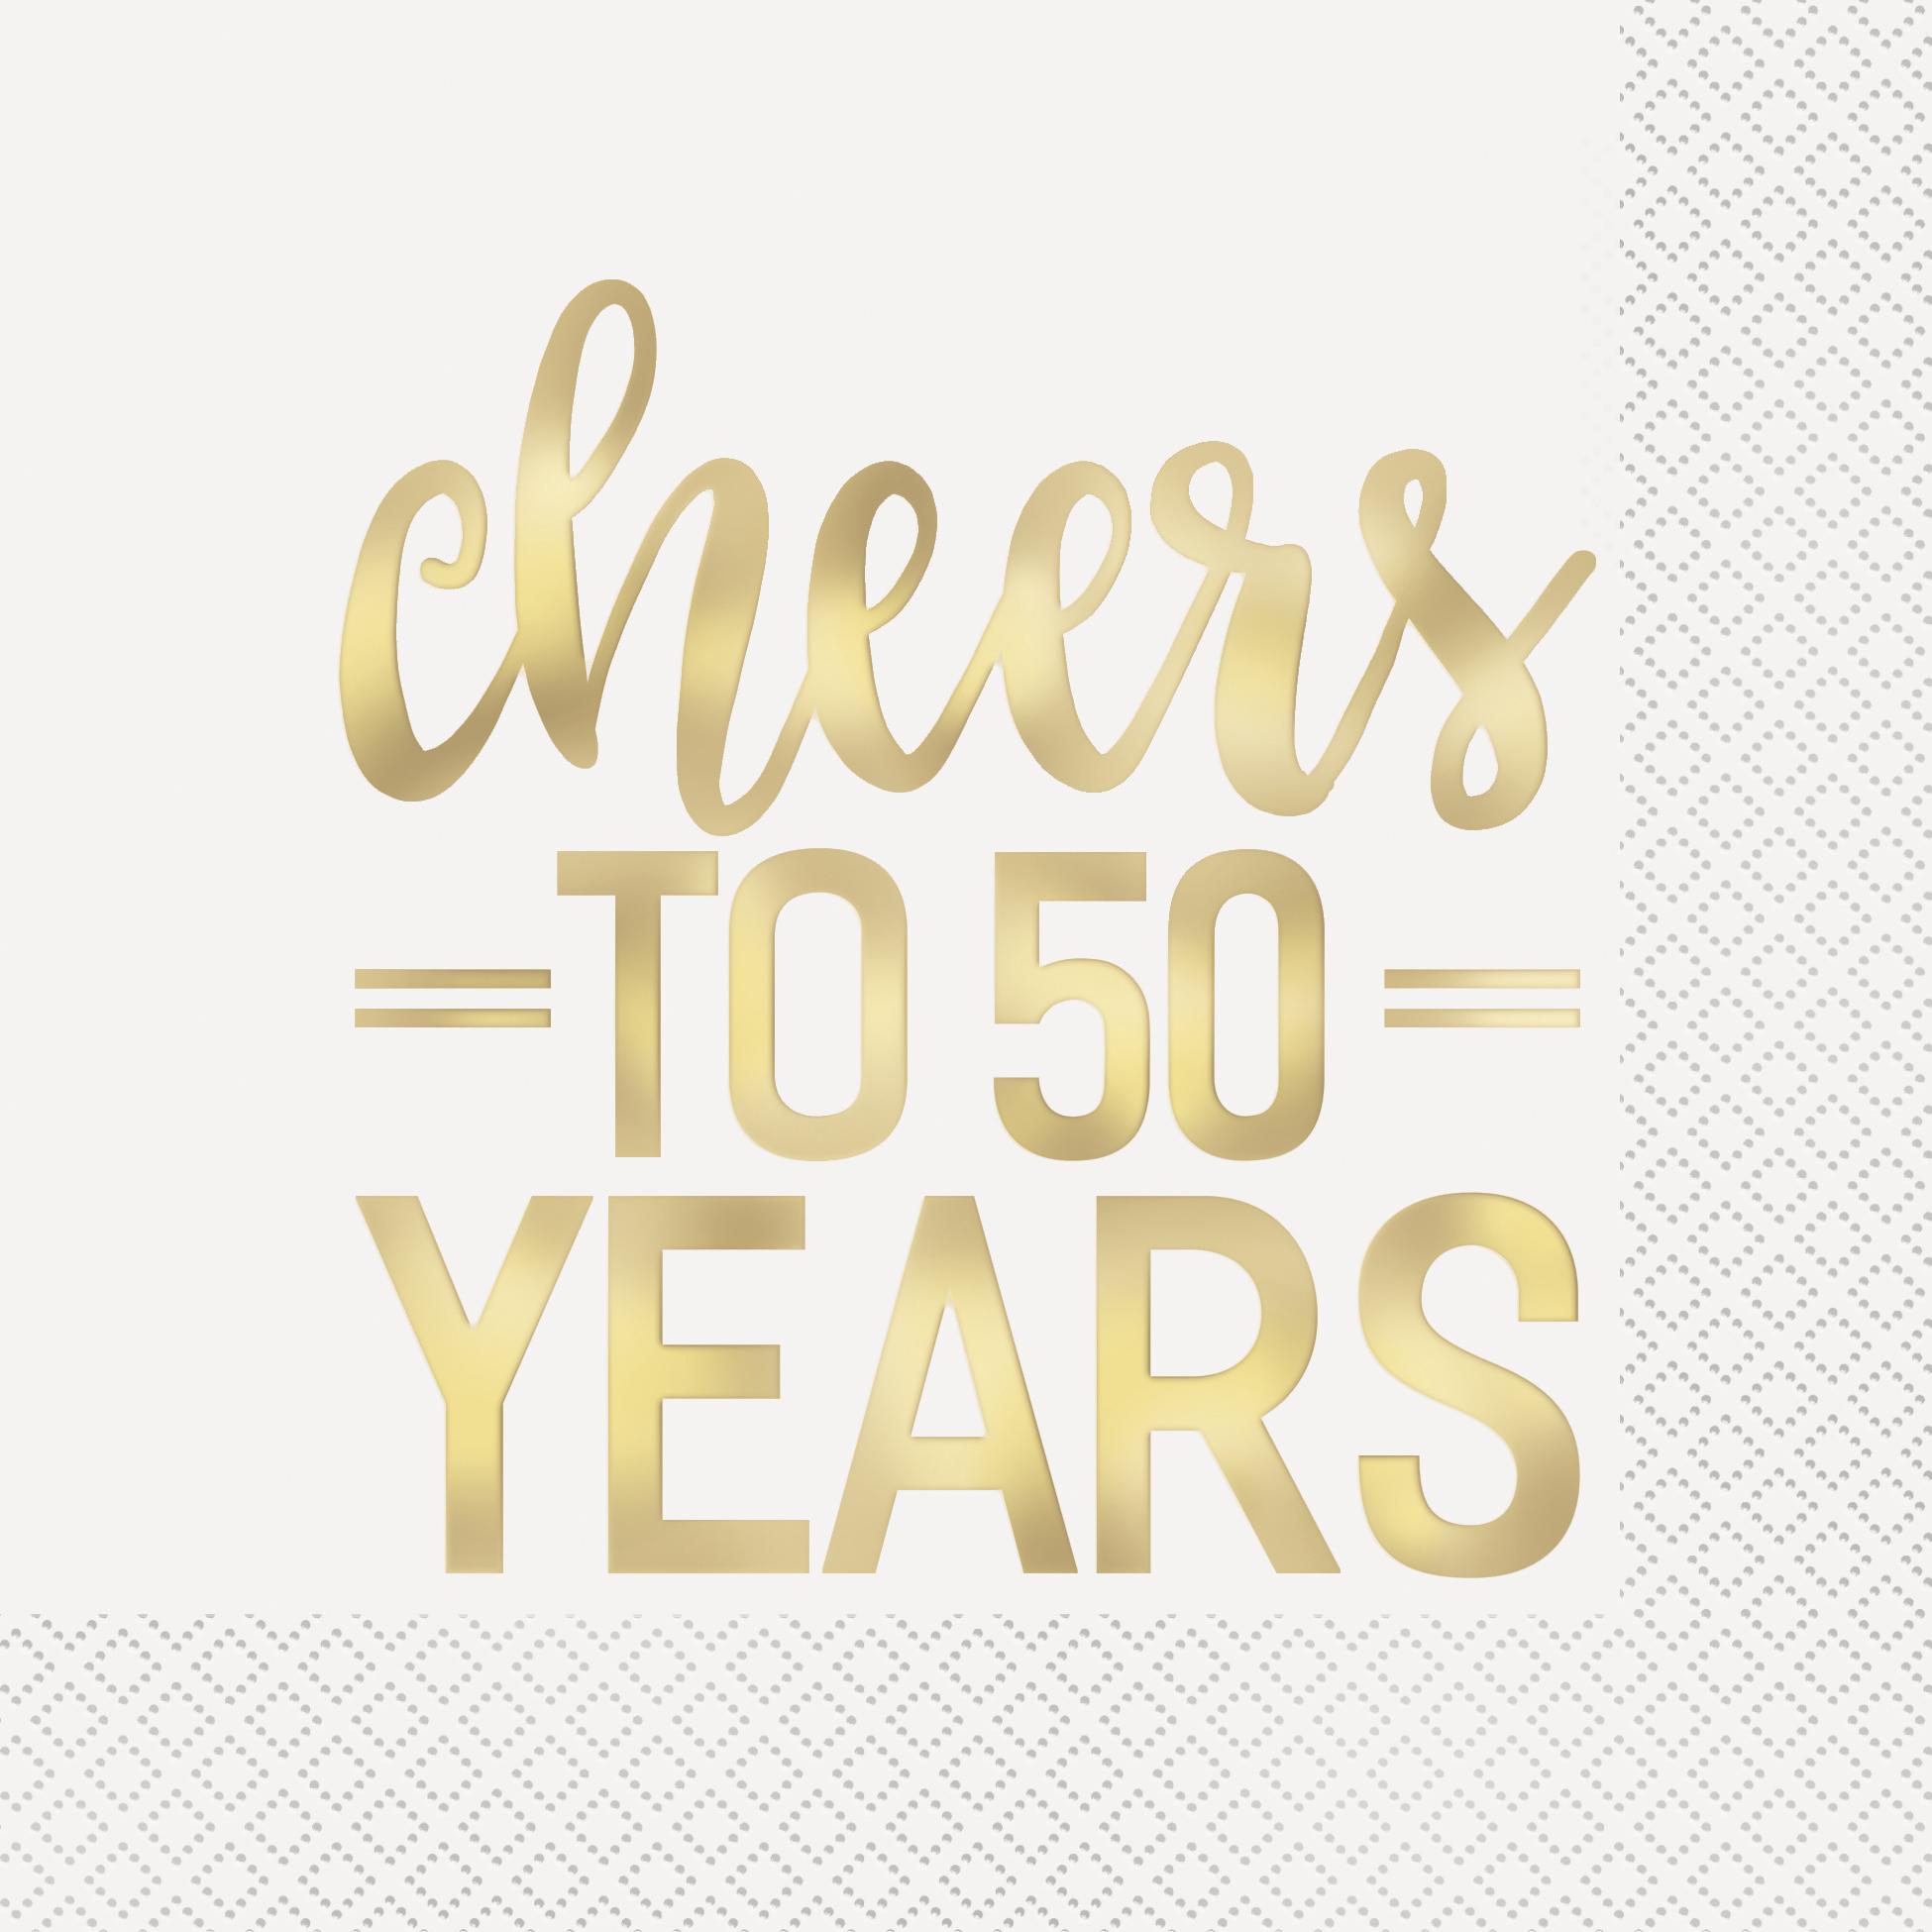 50 év, a tanács [adás képességének] kora